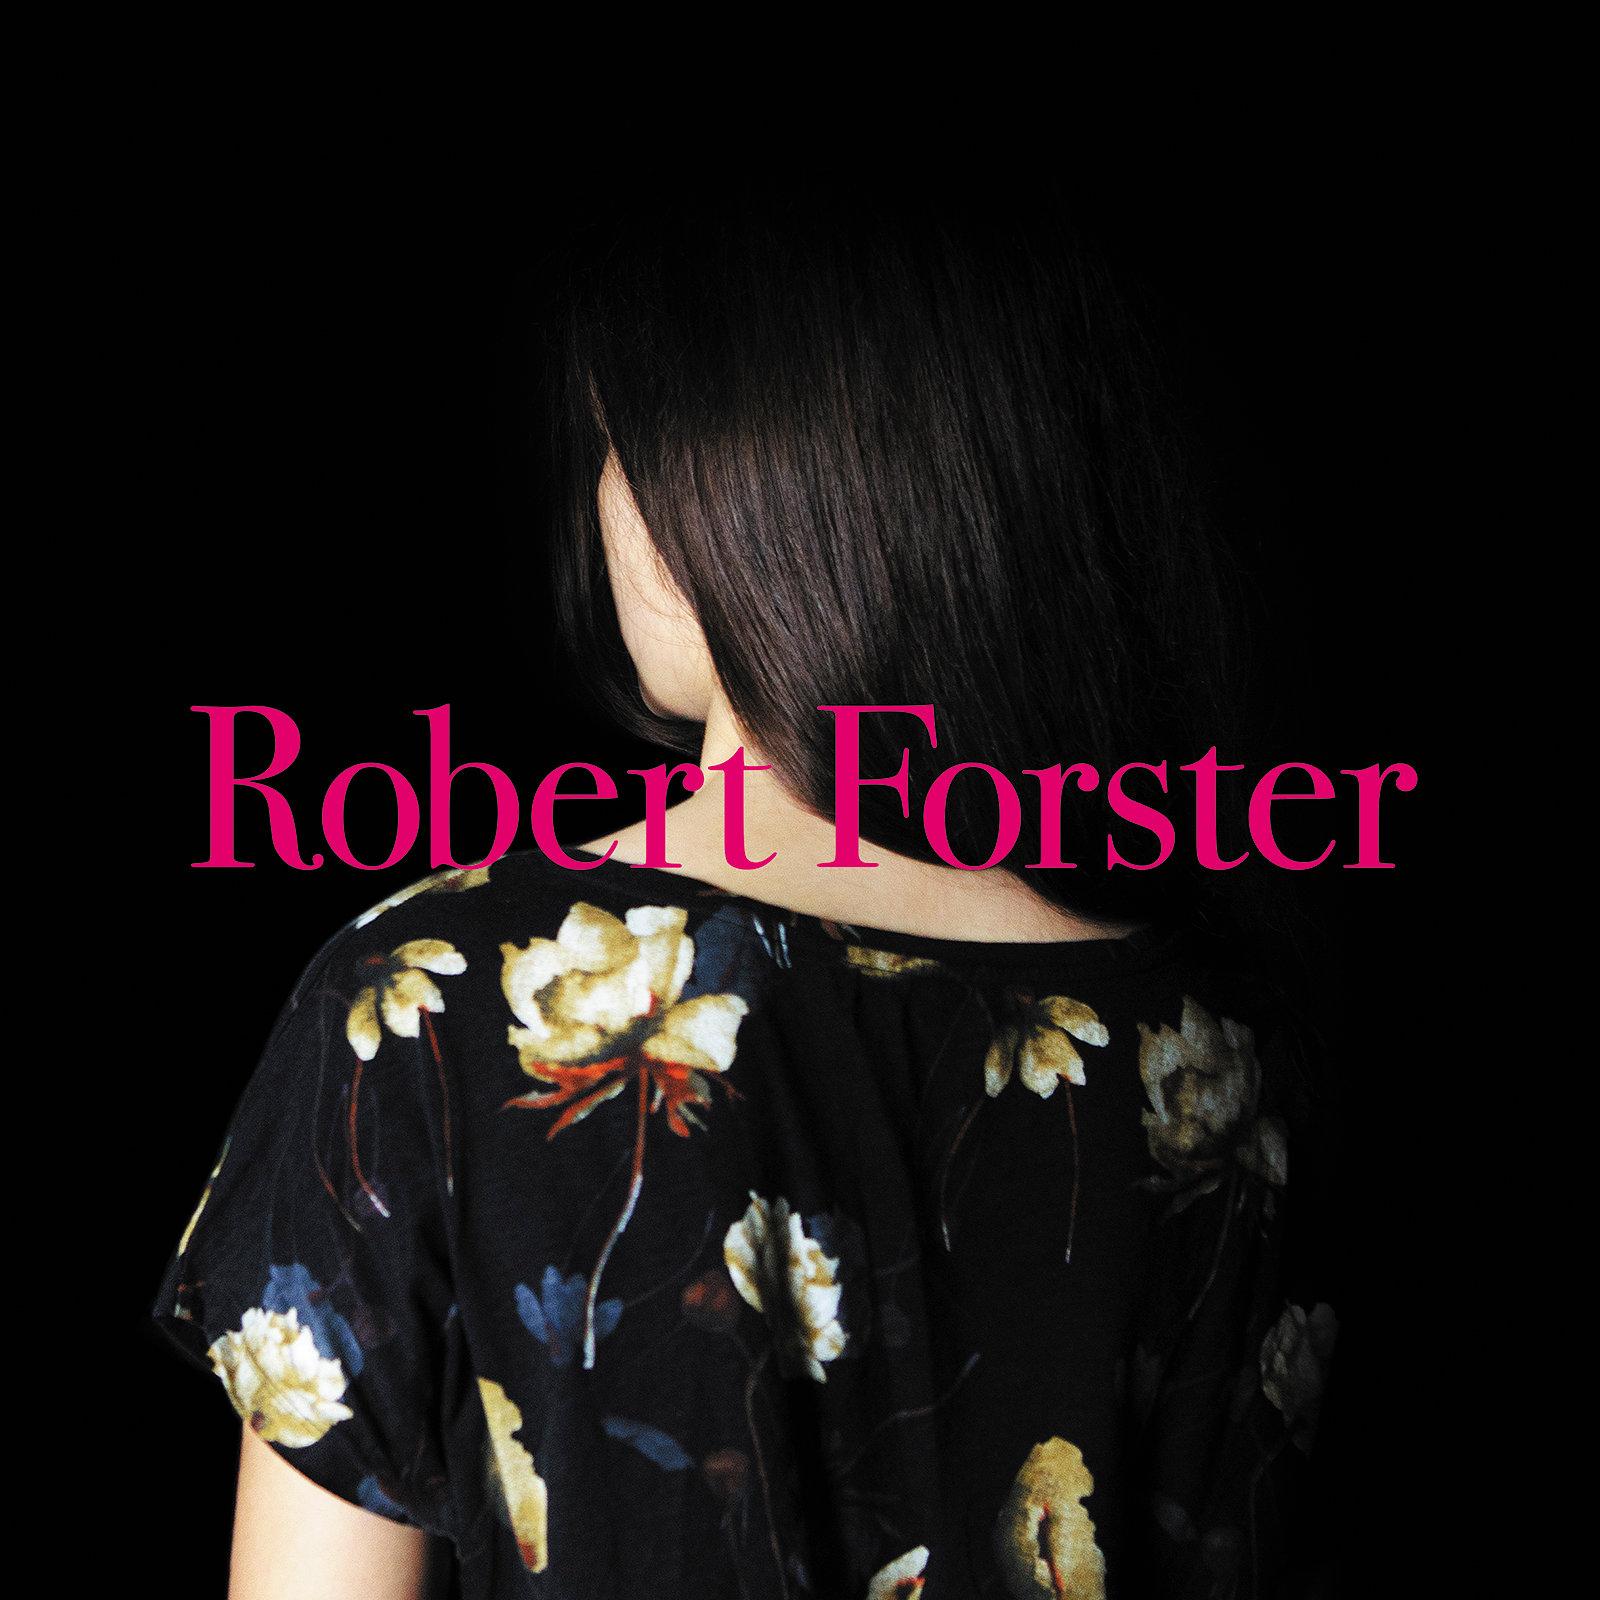 Robert Forster - Album Cover 2015